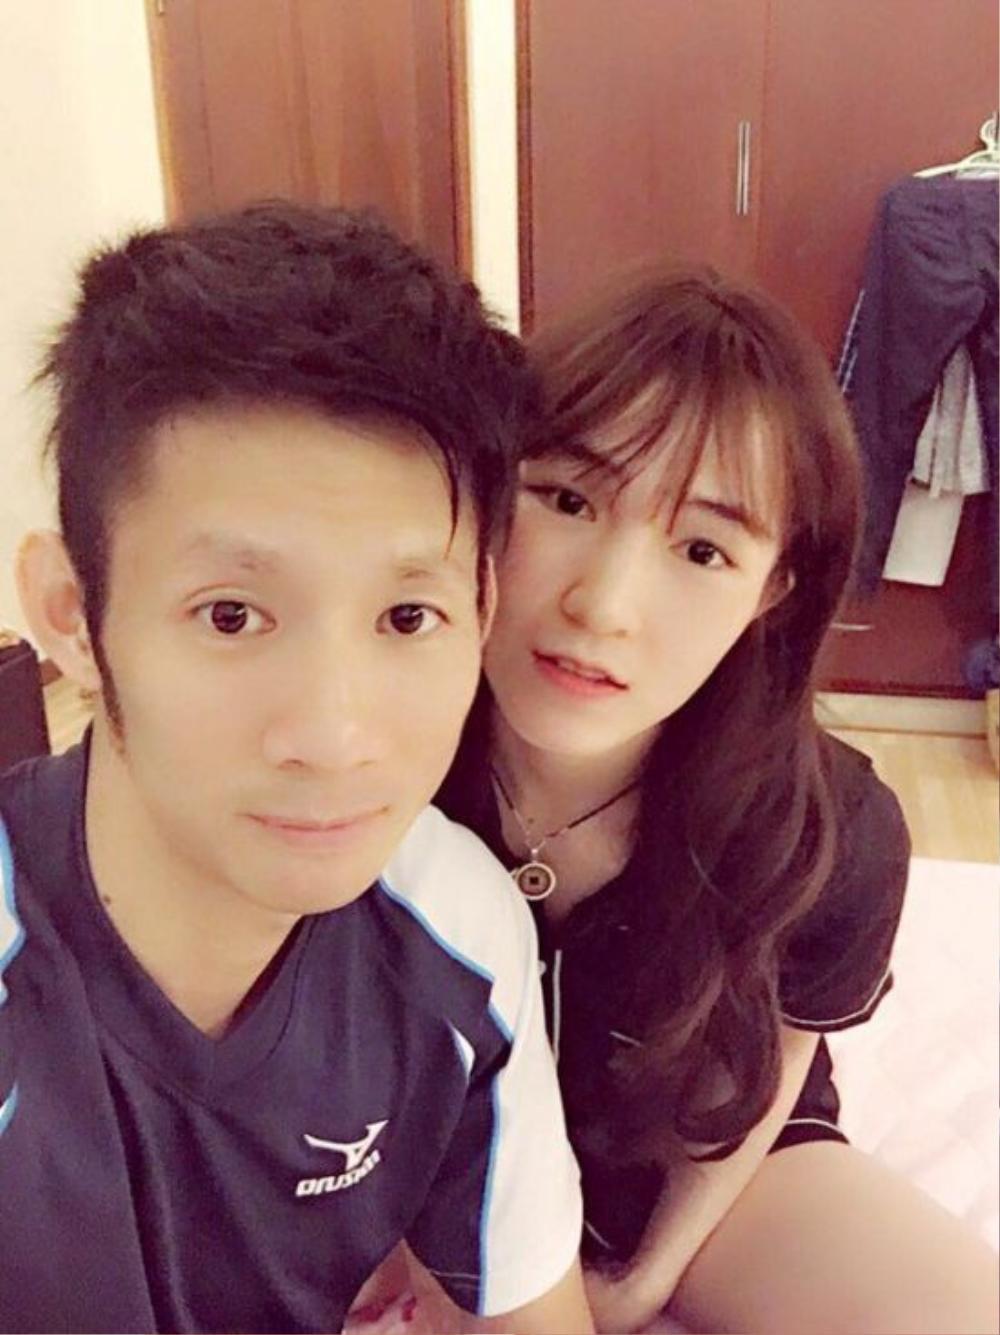 Tiến Minh - Vũ Thị Trang cặp đôi đẹp nhất của làng cầu lông Việt Nam.